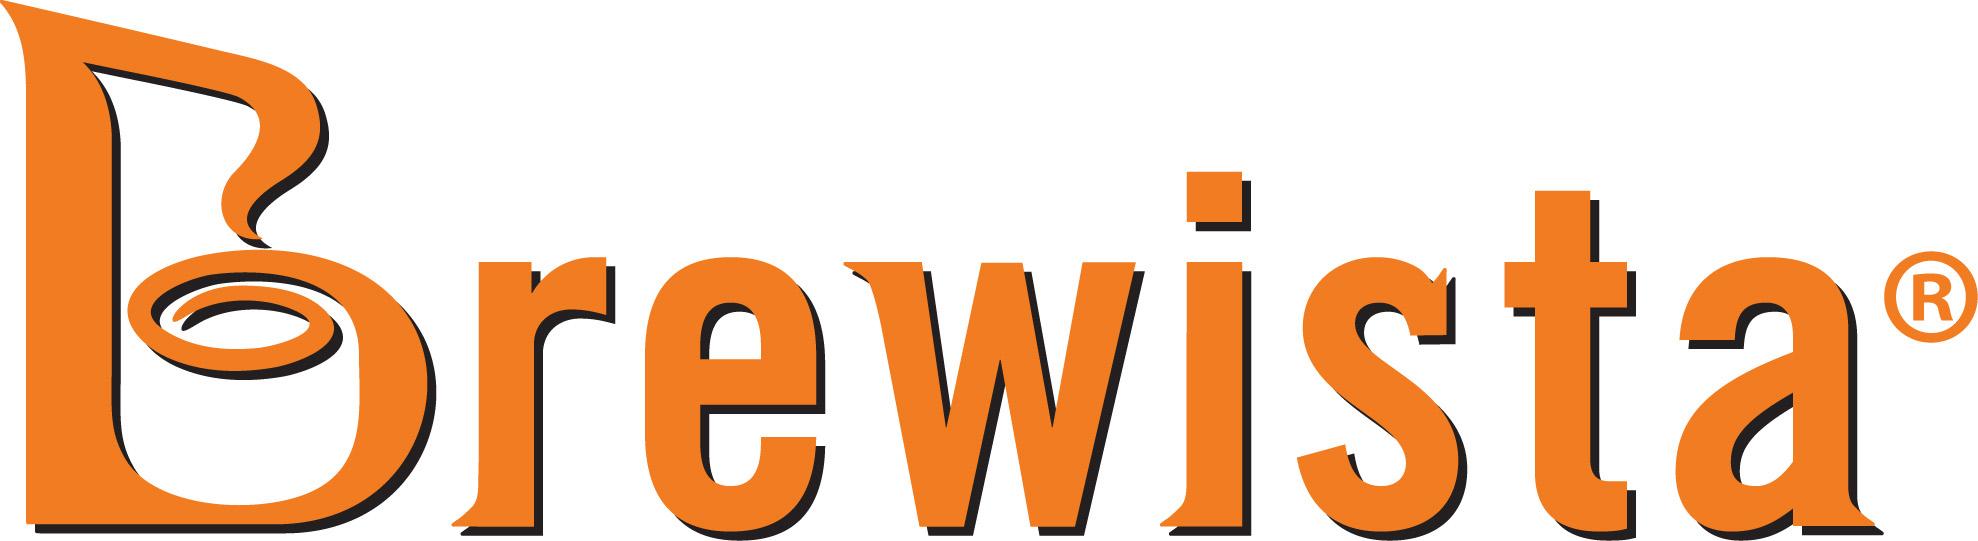 Brewista_logo_shadow.jpg